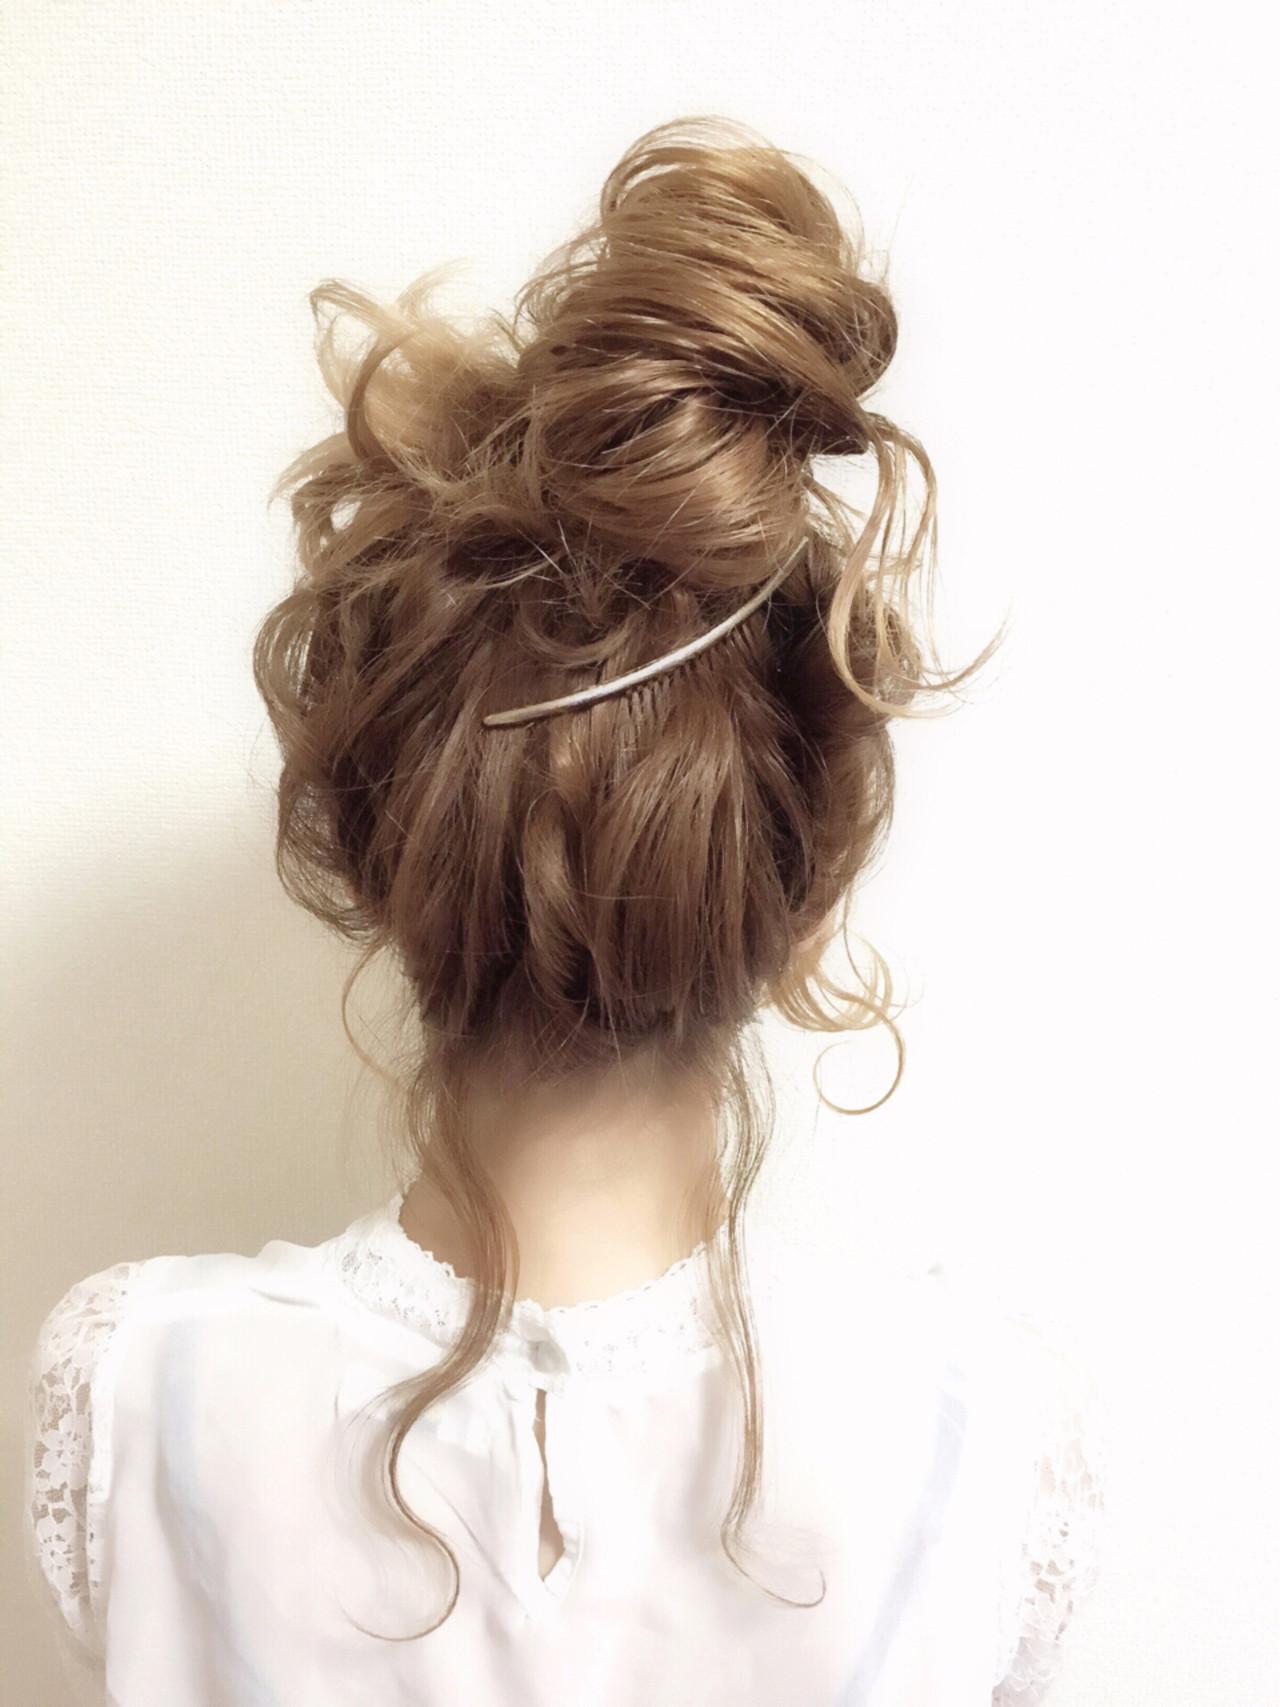 結婚式にも!ミディアムヘアの簡単お呼ばれアレンジ chiaki / magnet hair